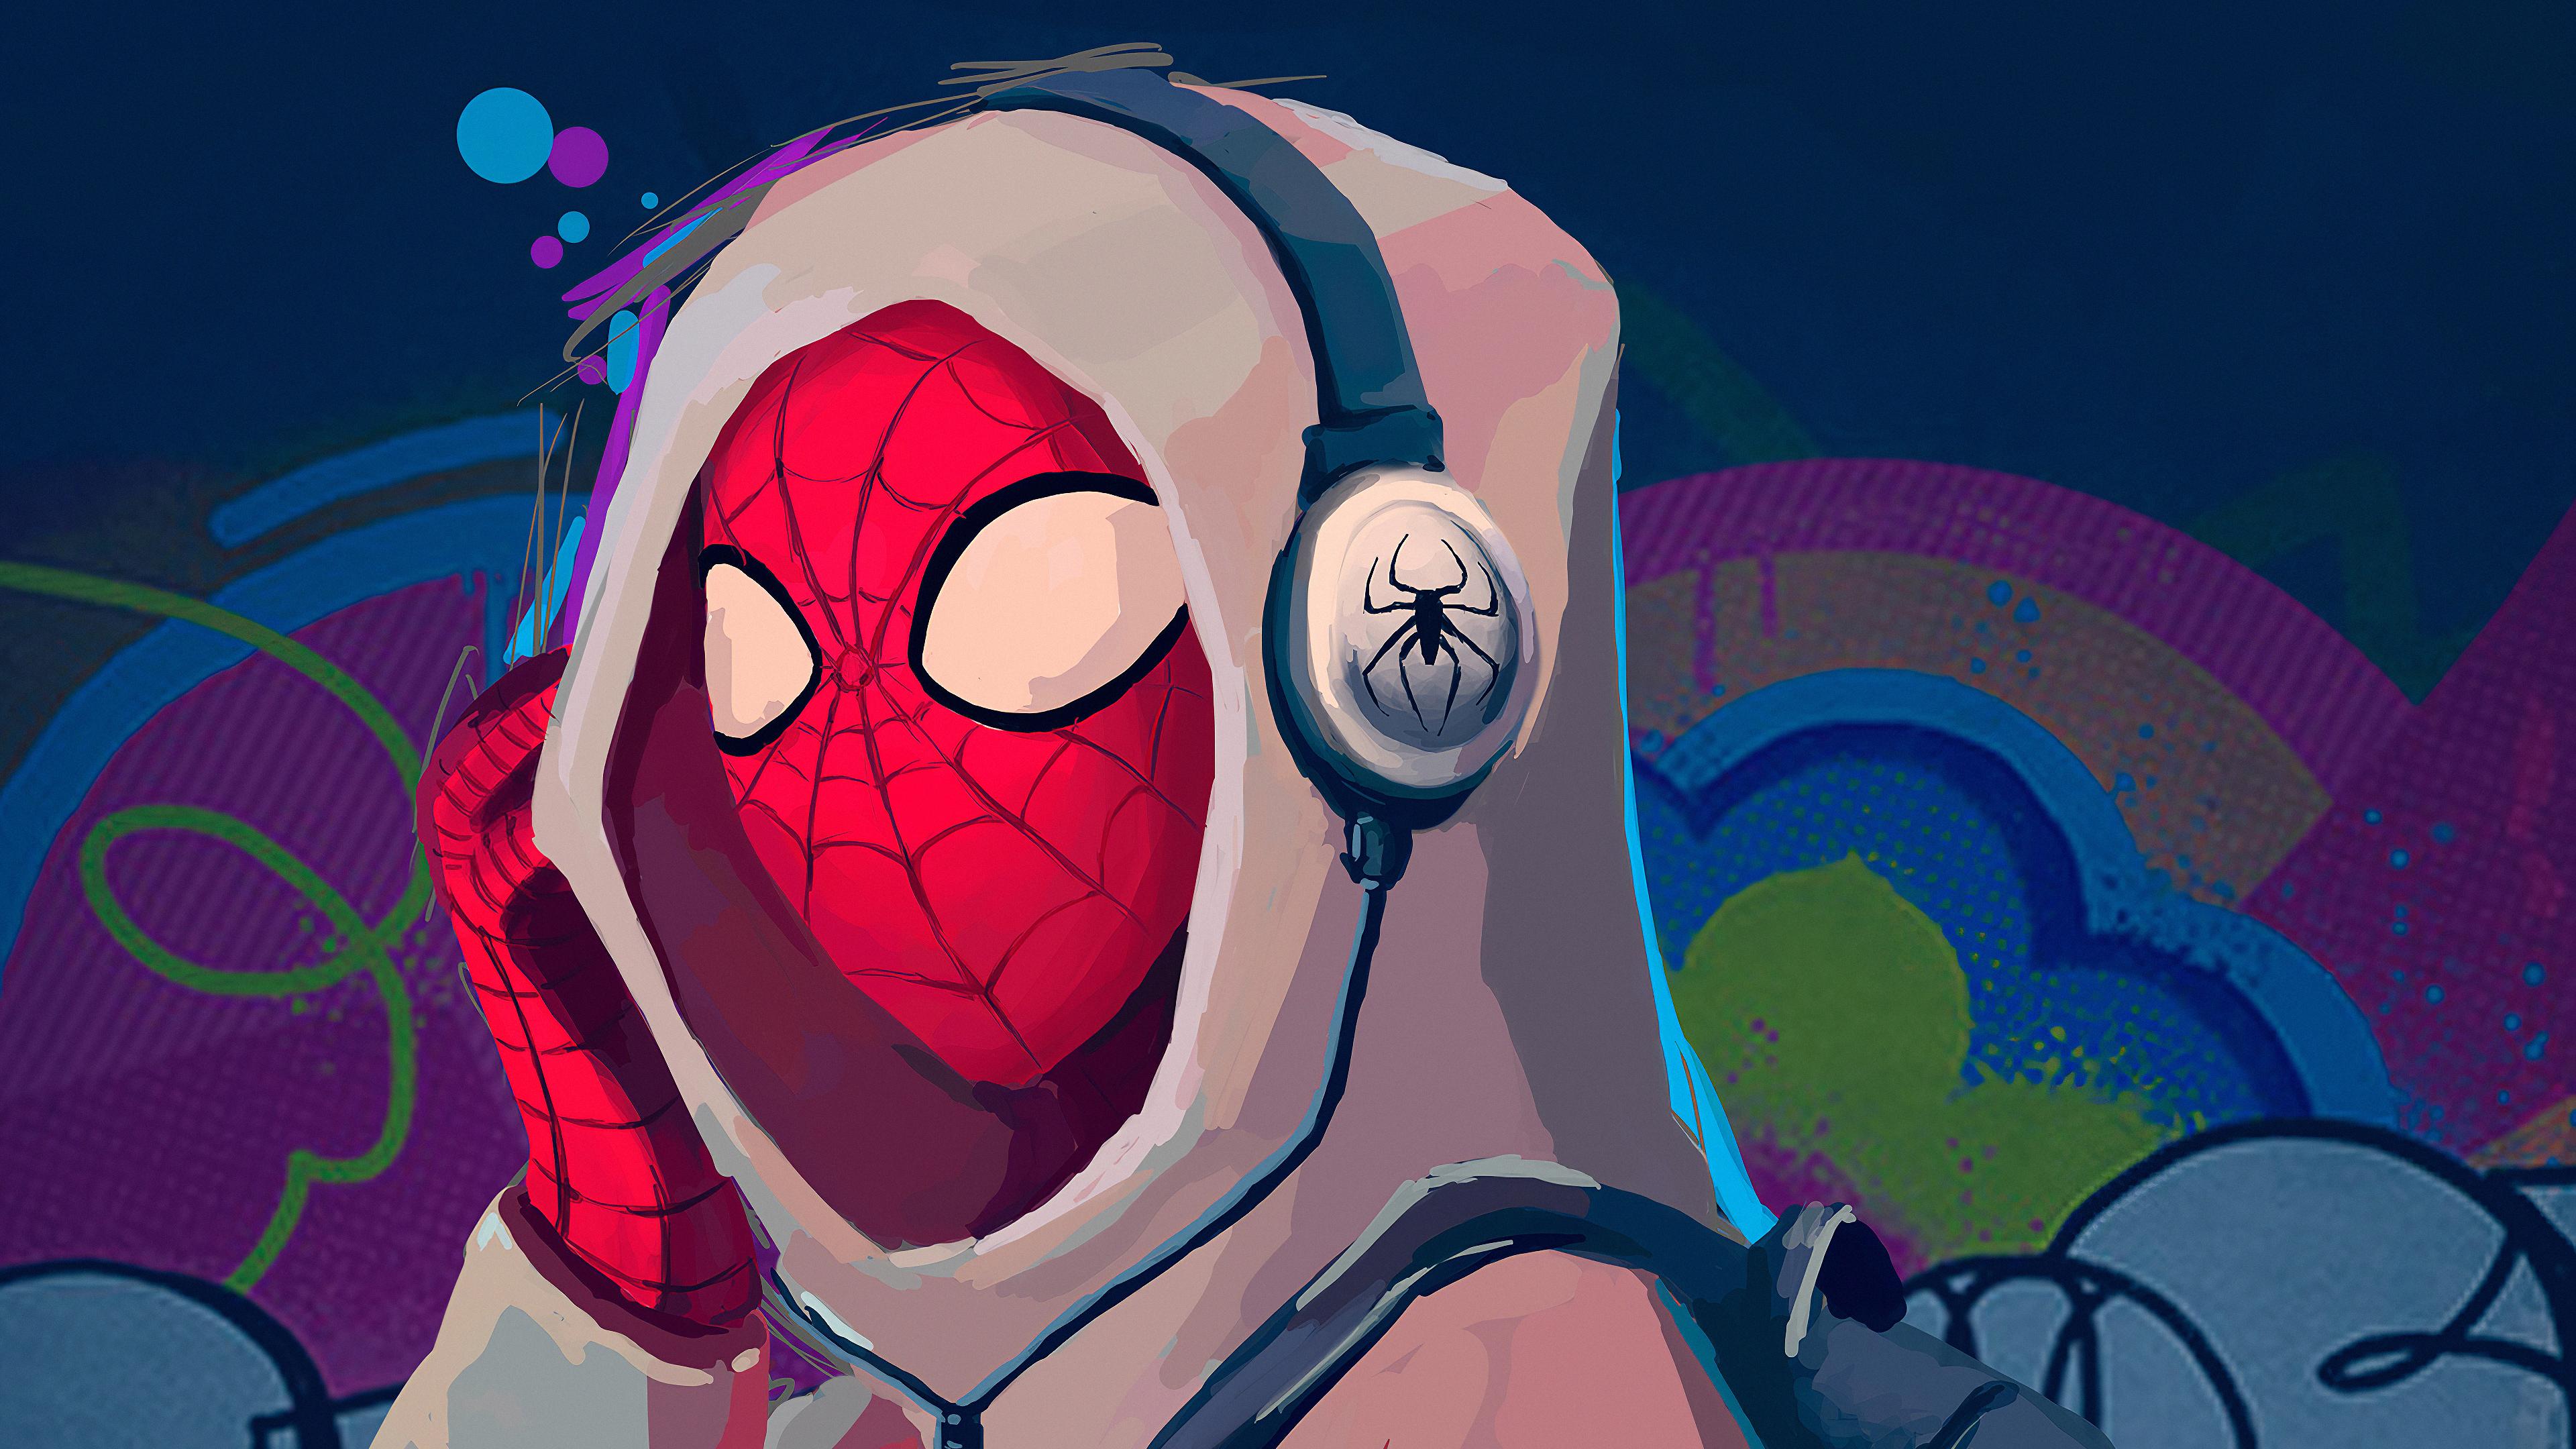 Spiderman Music 4k Hd Superheroes 4k Wallpapers Images